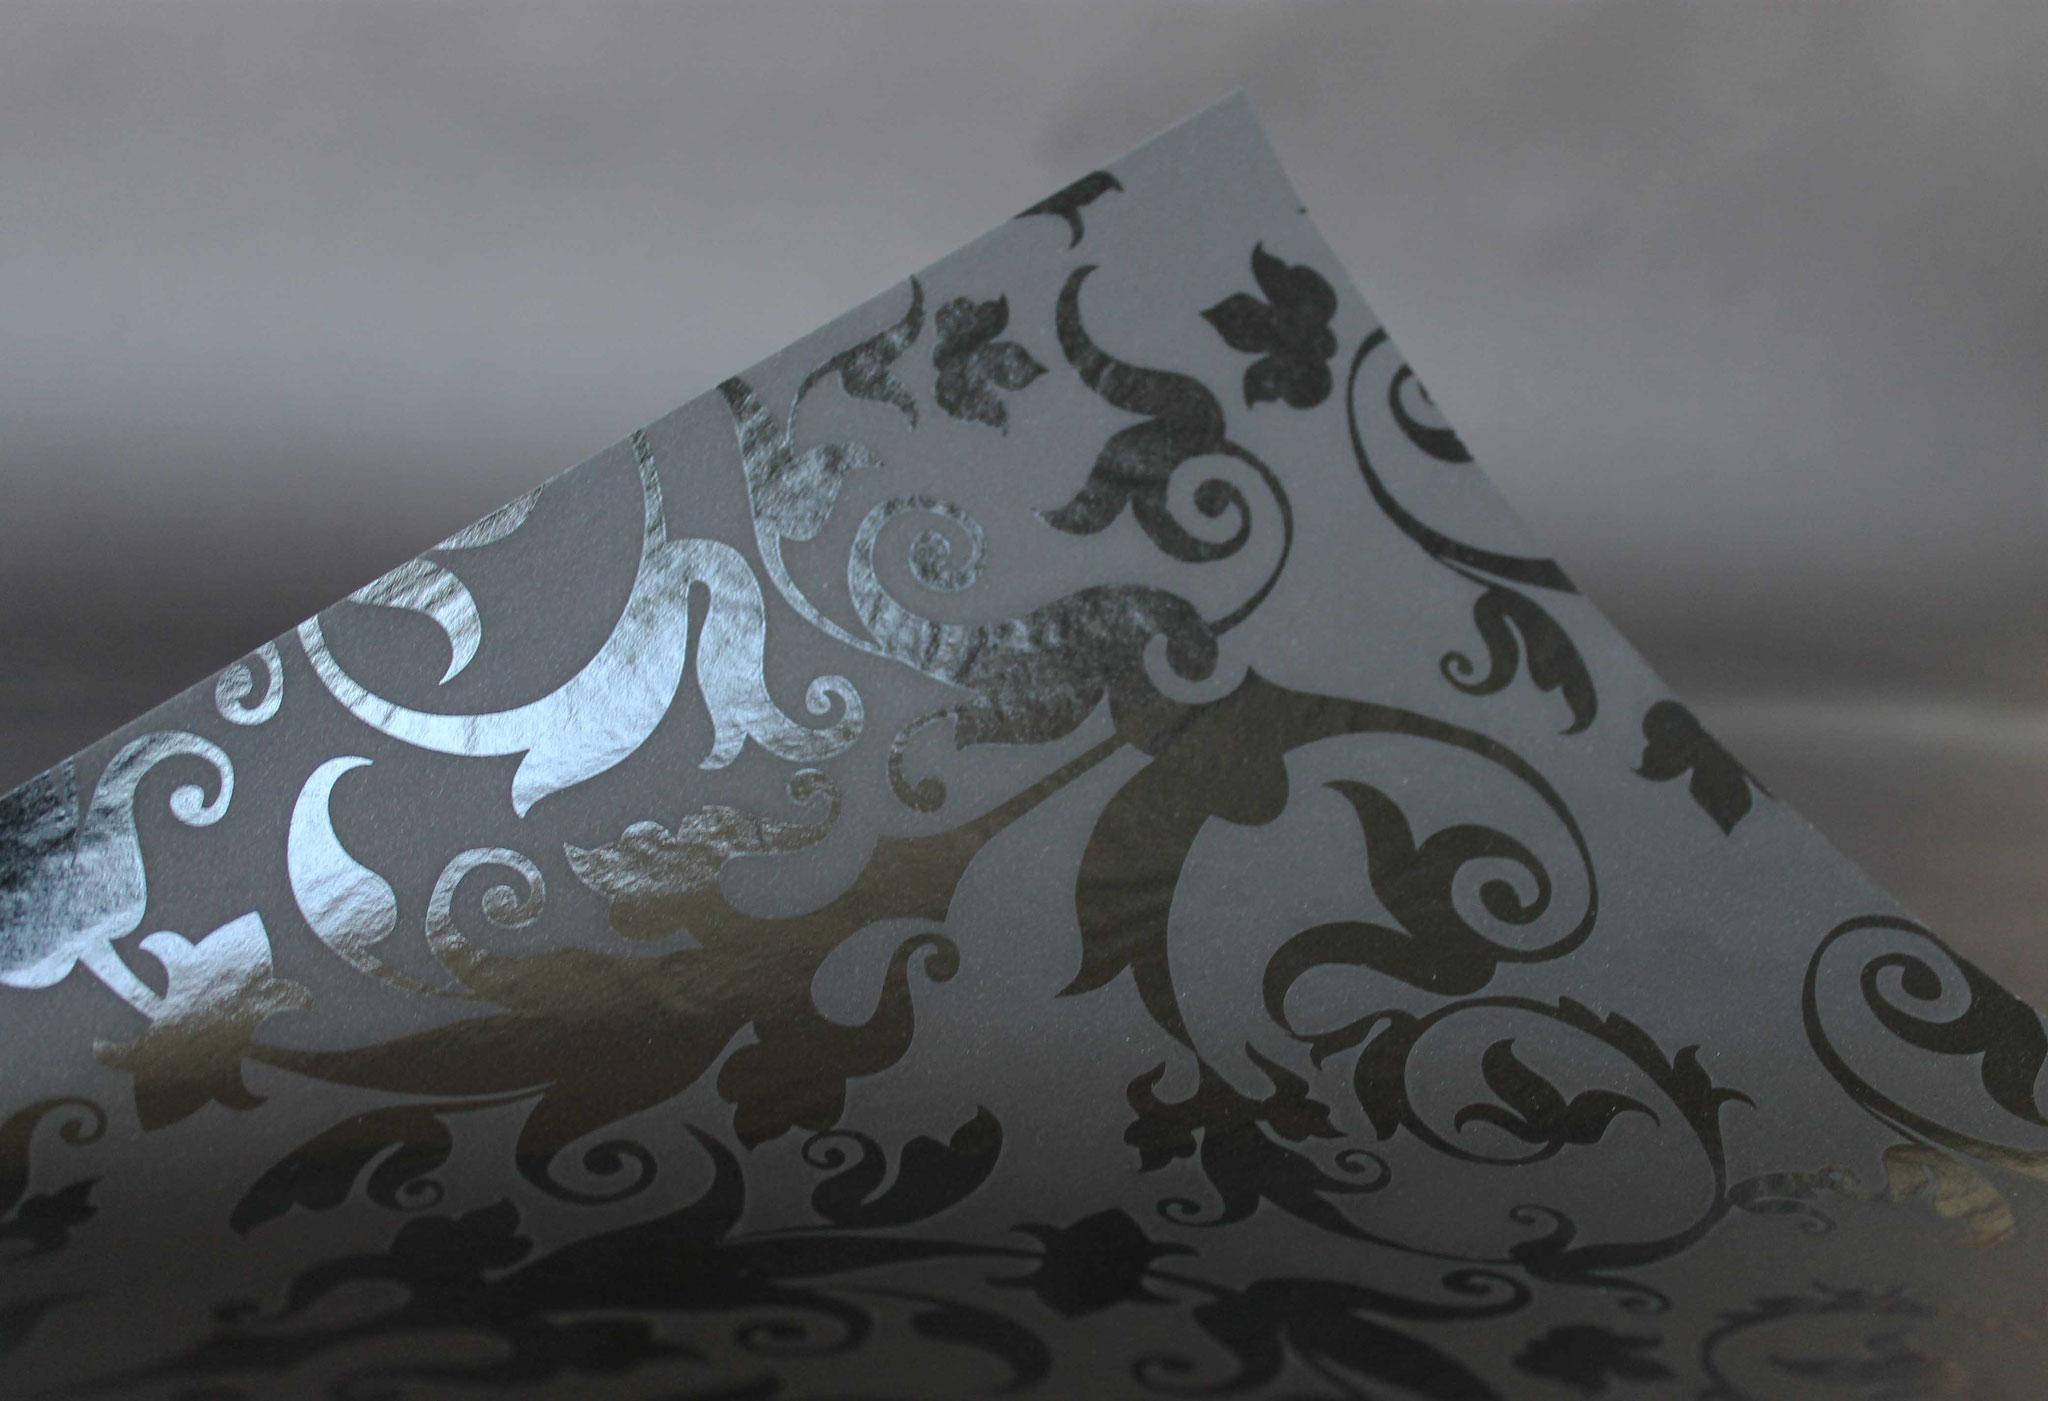 Druck: UV-Glanz, Papier: schwarz durchgefärbt